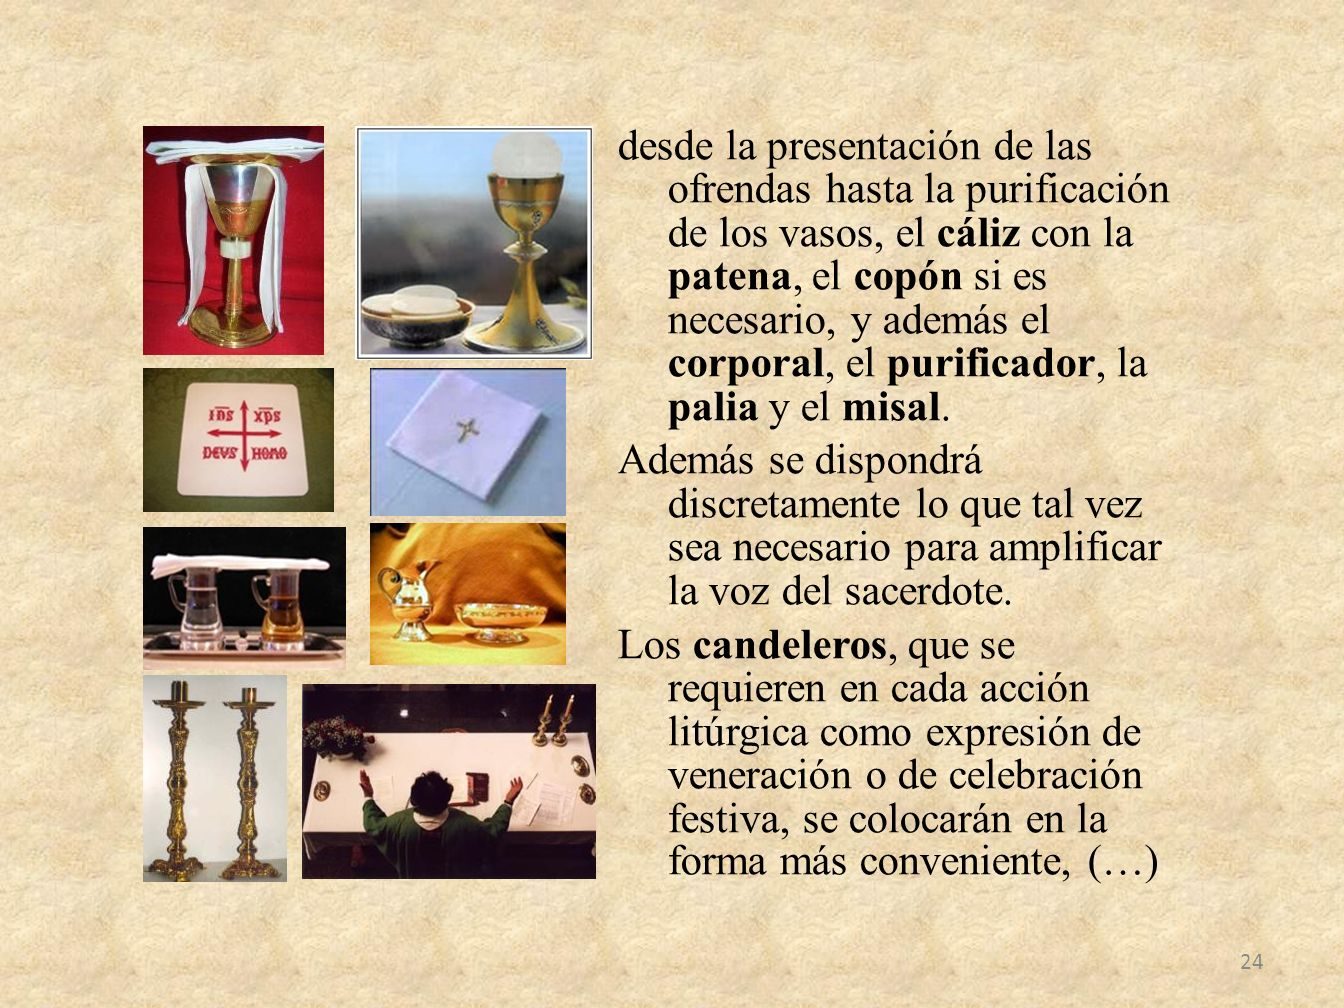 desde la presentación de las ofrendas hasta la purificación de los vasos, el cáliz con la patena, el copón si es necesario, y además el corporal, el purificador, la palia y el misal.